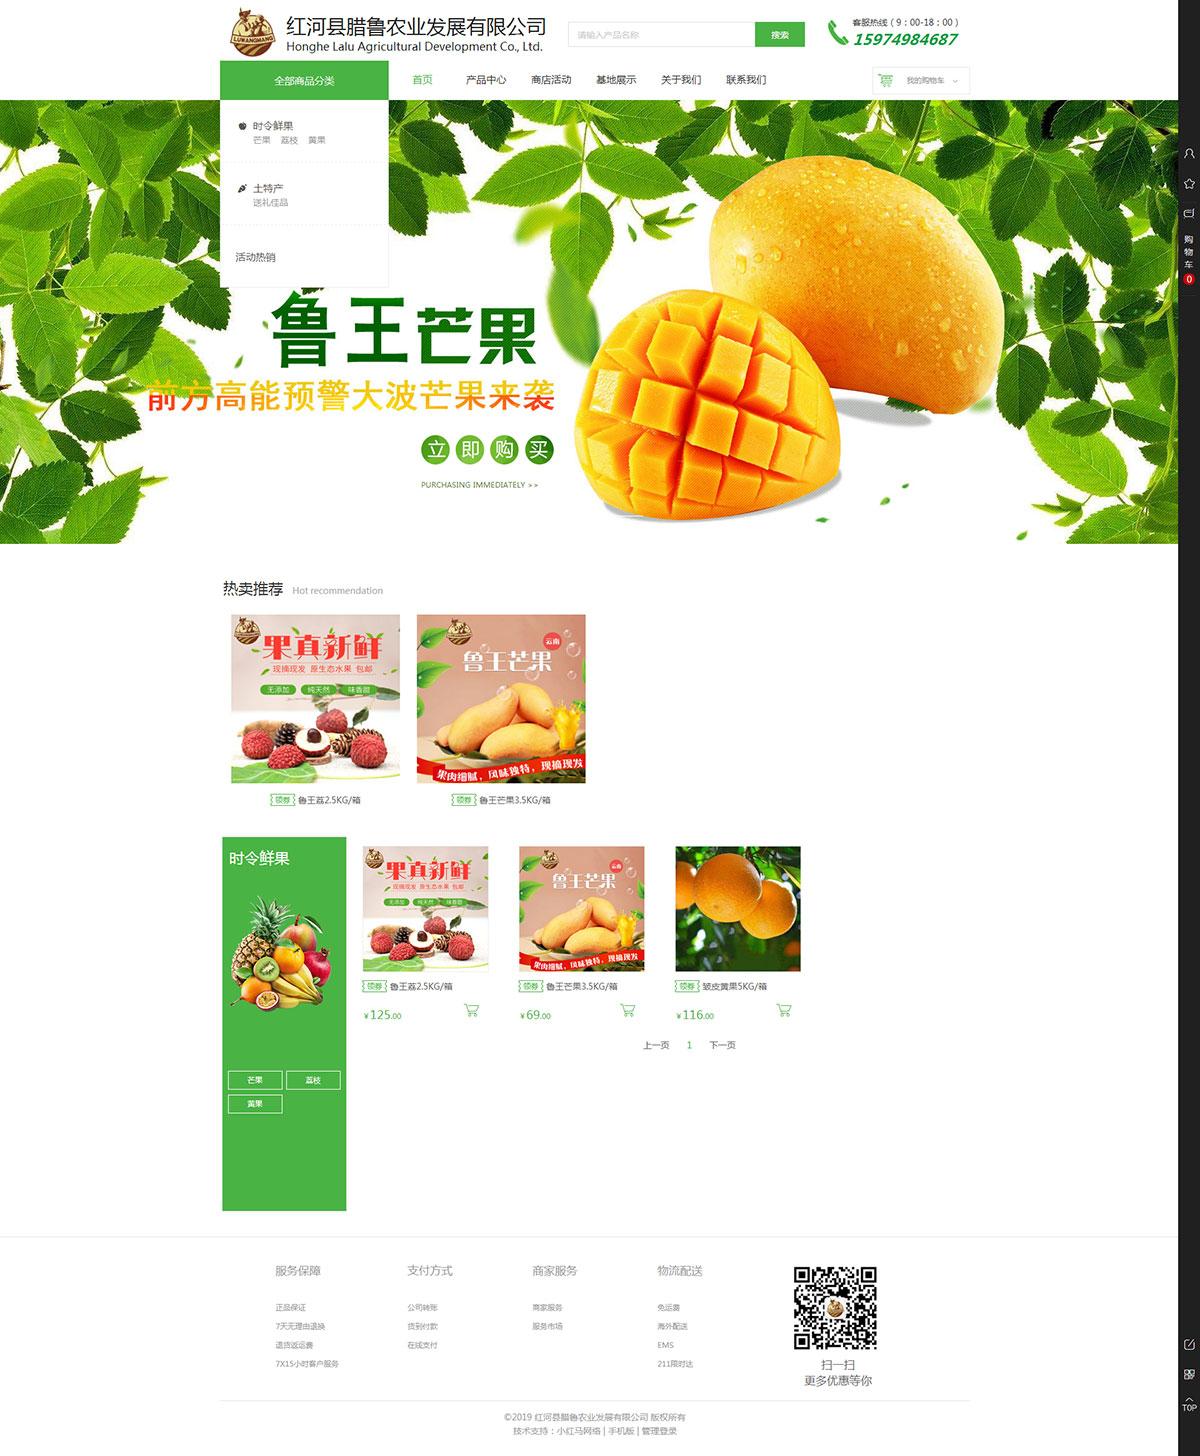 红河县腊鲁农业发展有限公司